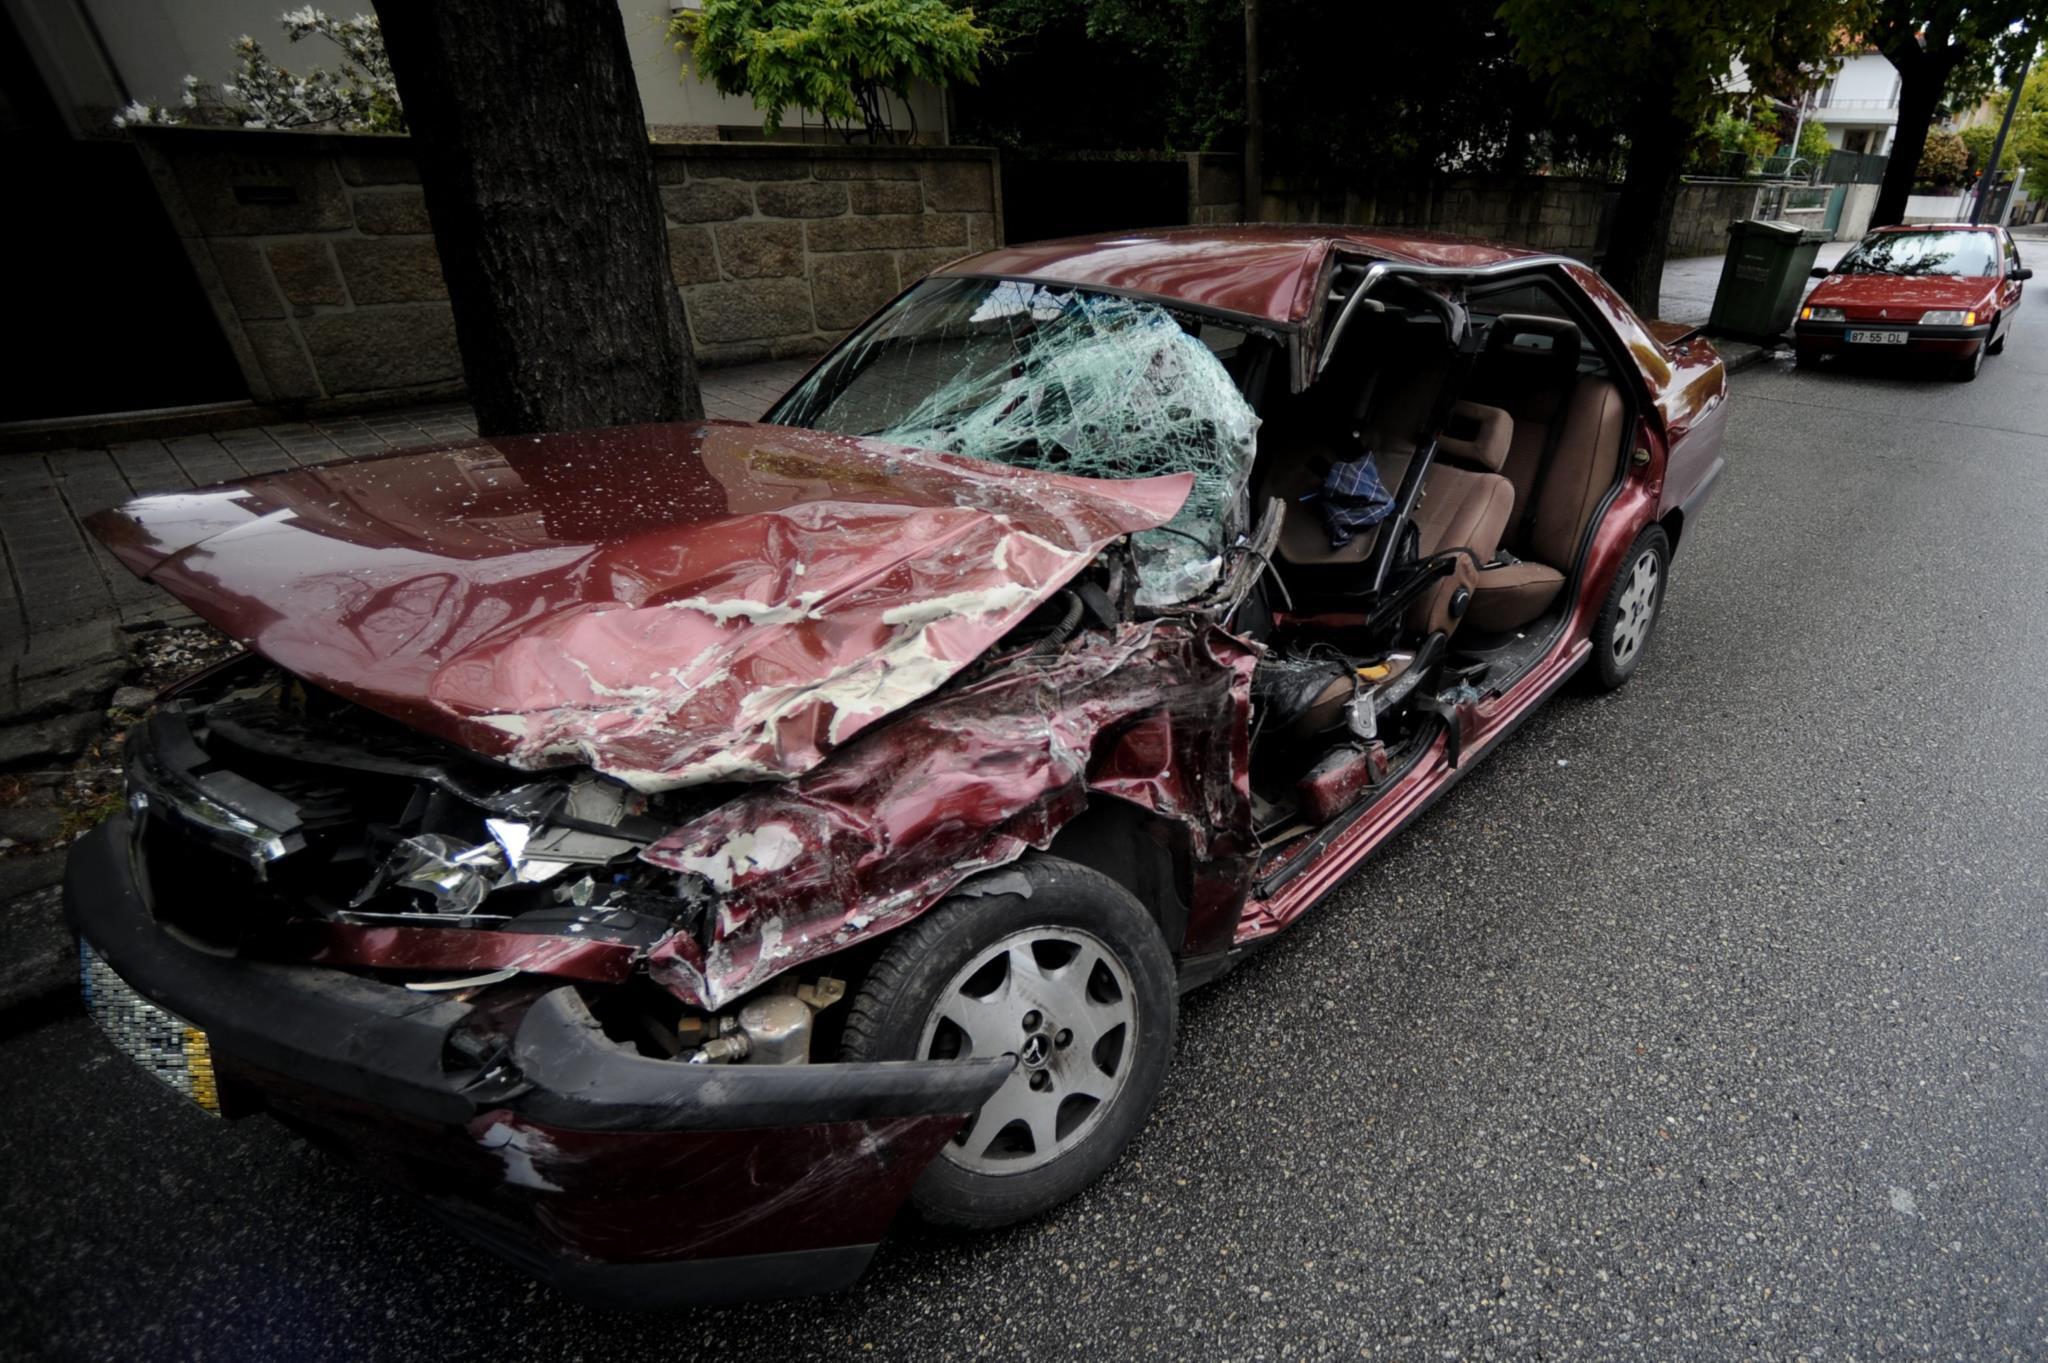 PÚBLICO - Há cada vez mais condutores idosos a morrer em acidentes